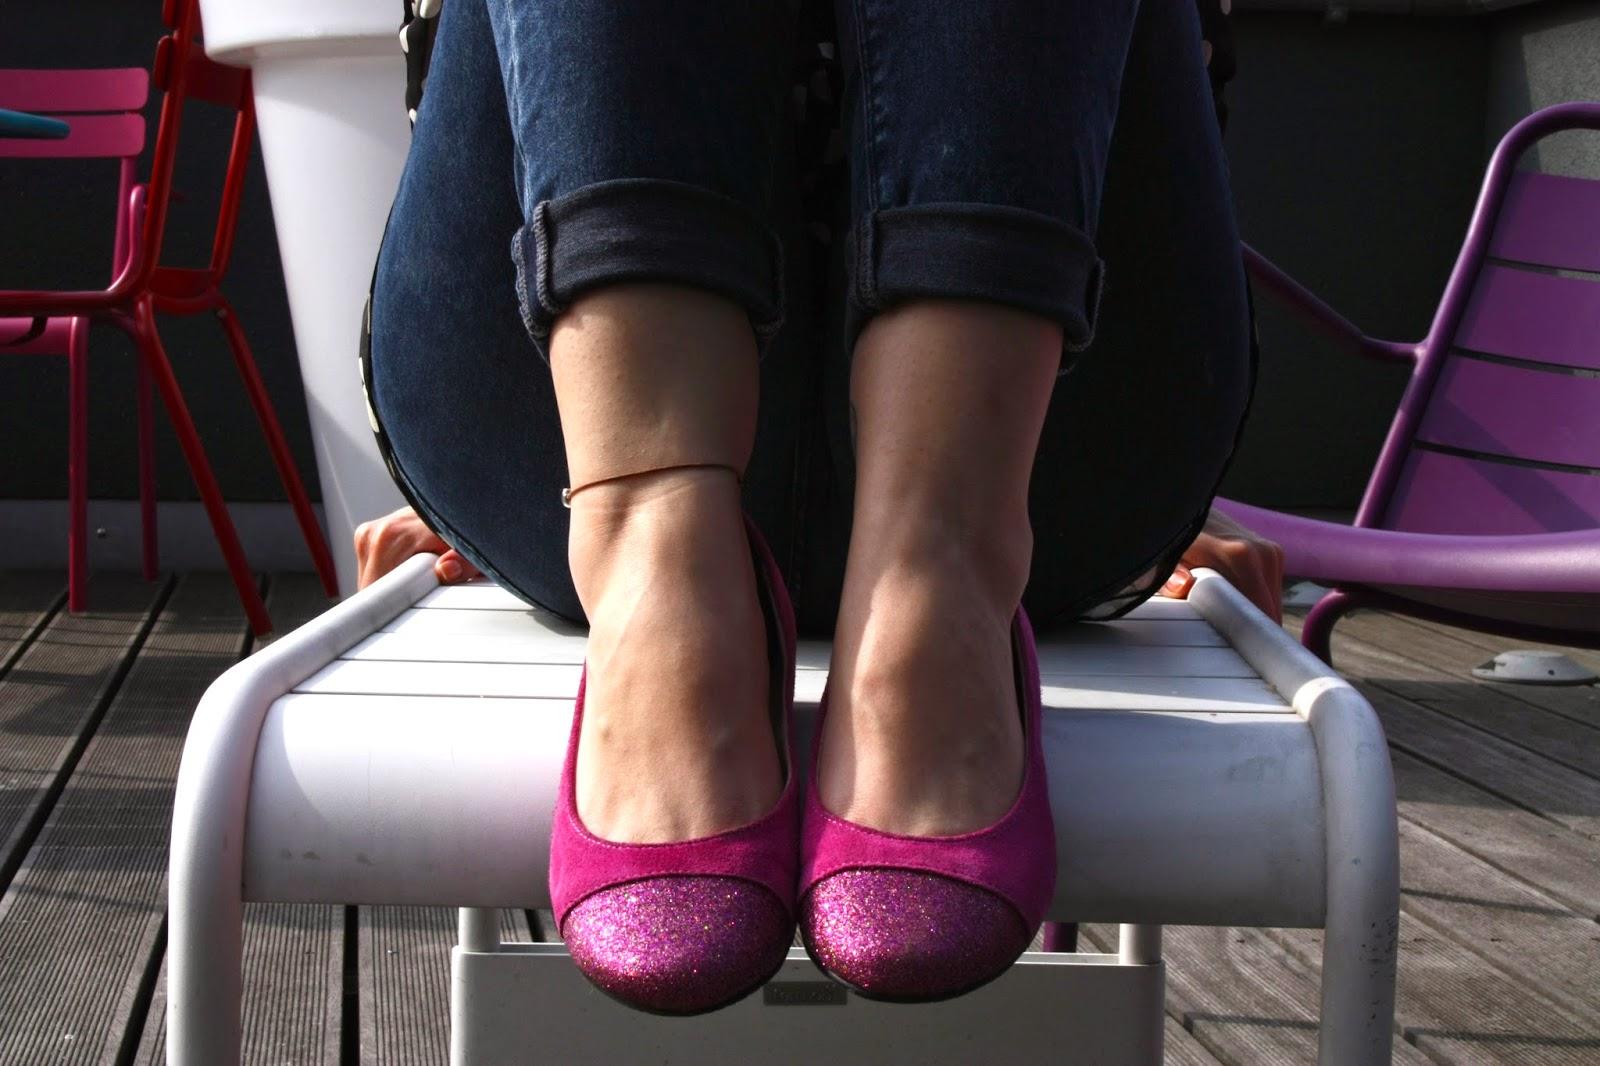 OOTD Clarks Ballerinas Flussperle Blog primark Urban Outfitters